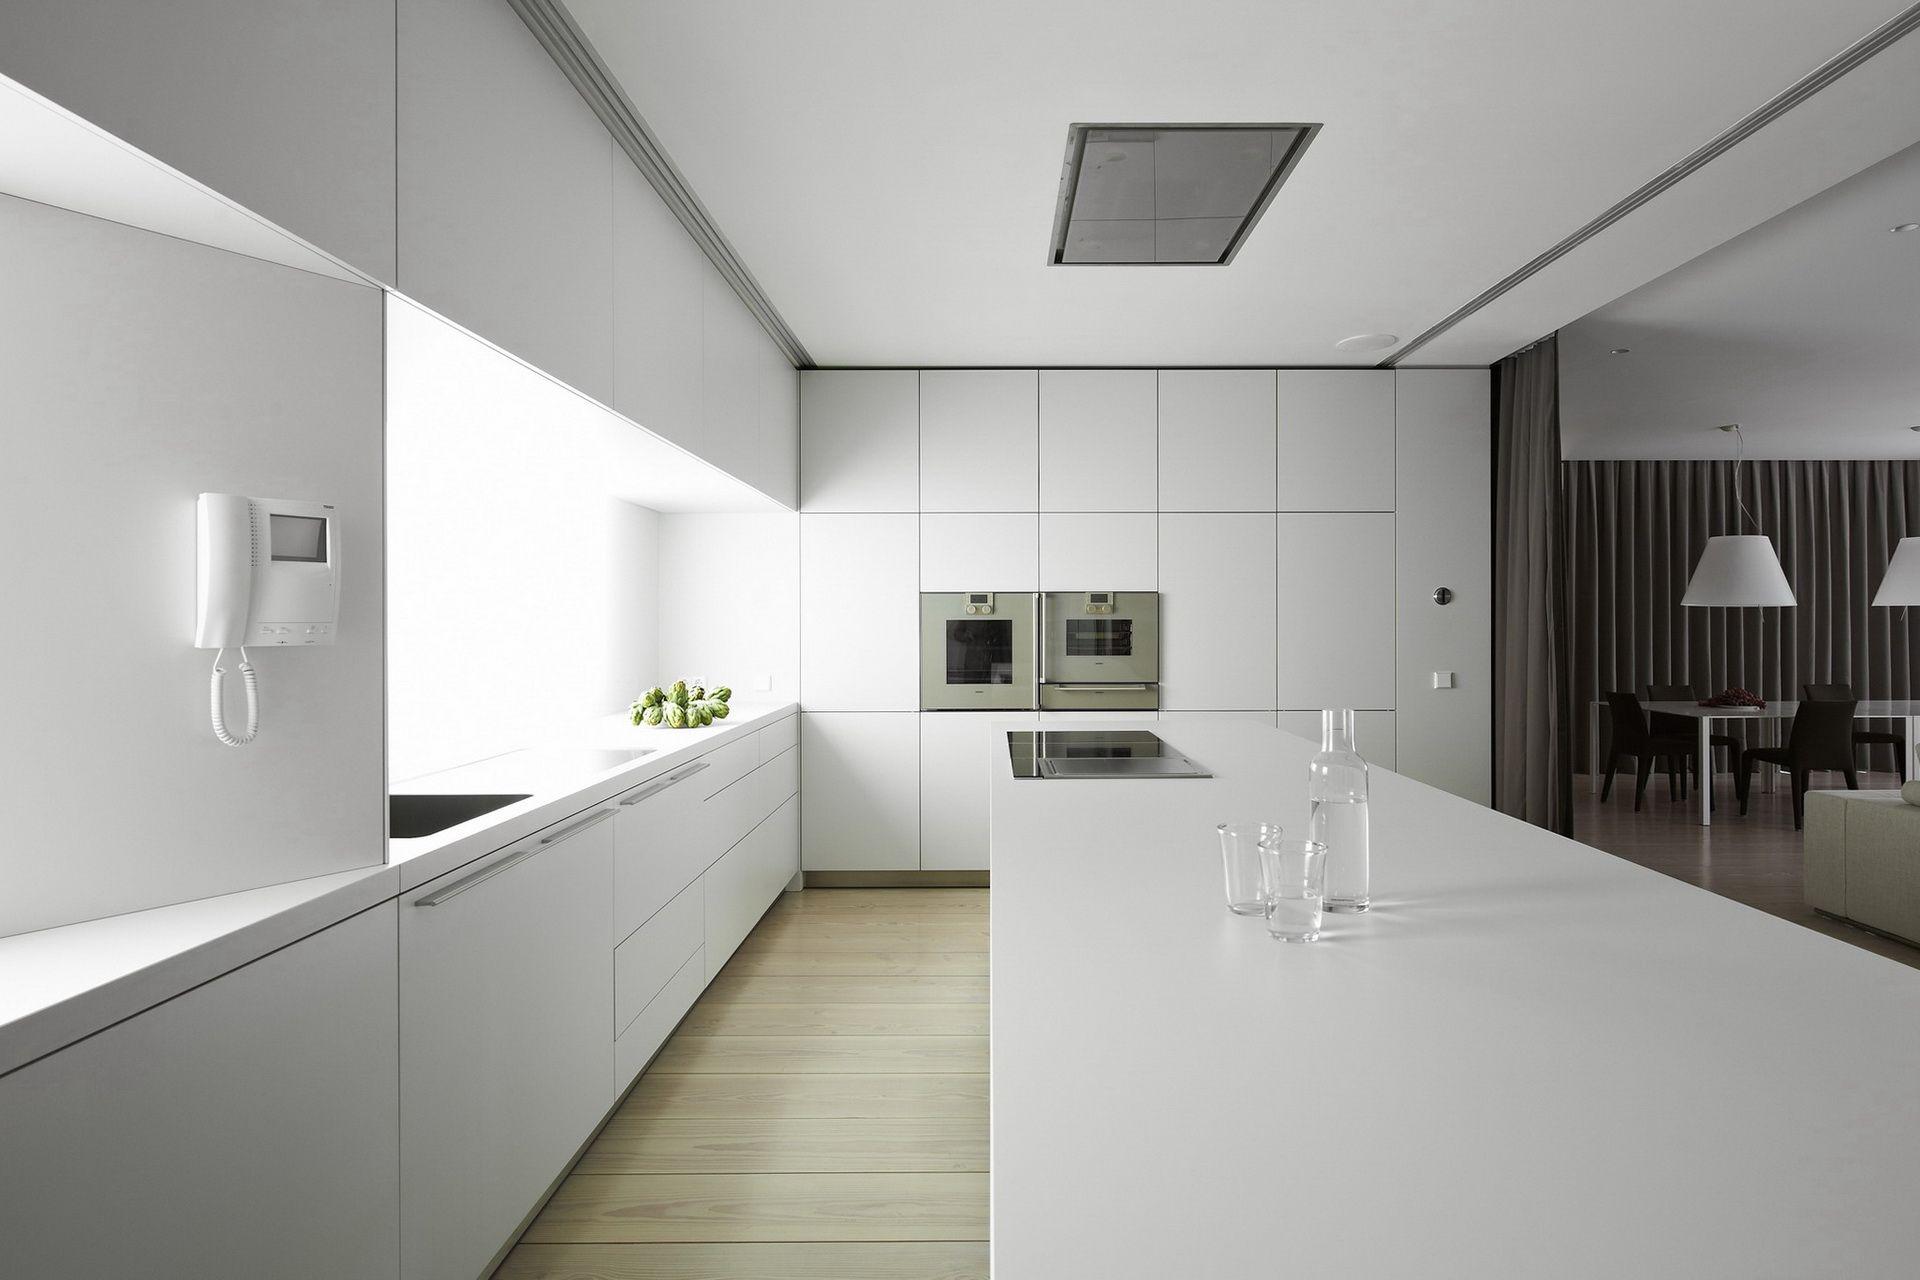 Home küche innenarchitektur bilder pin von fatma sahin auf wohnideen  pinterest  design küchen